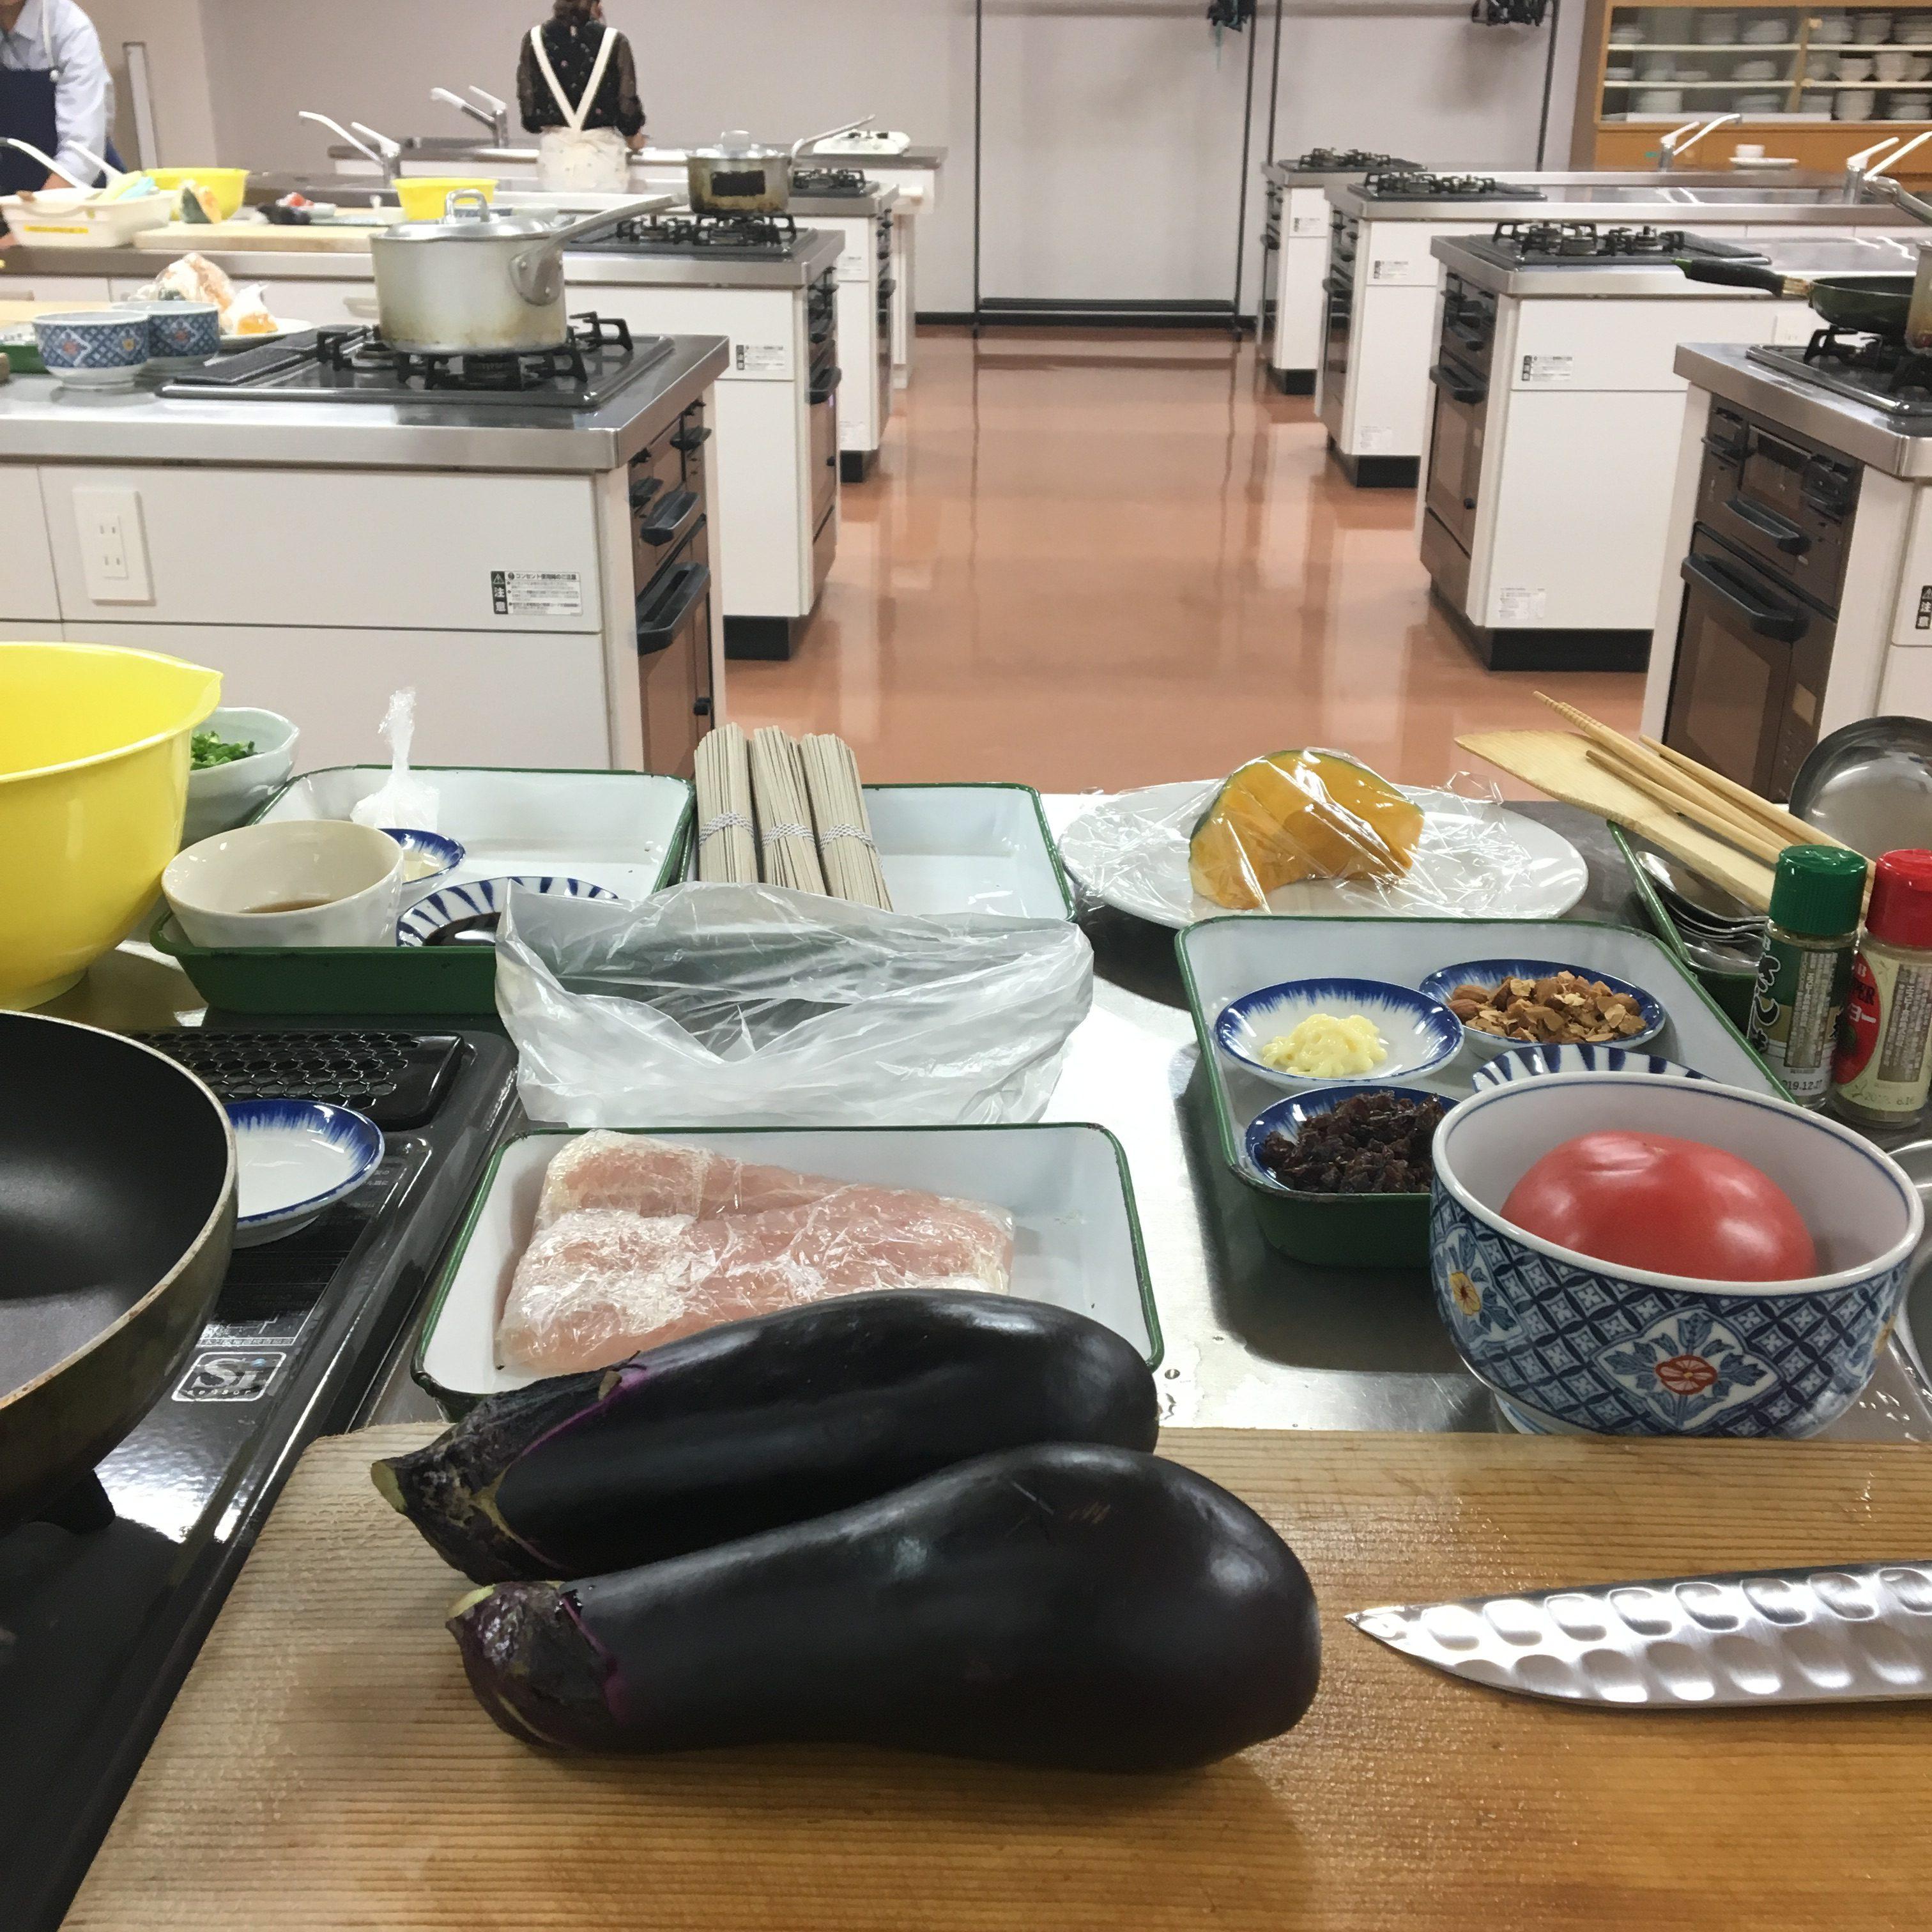 【料理講師】千代田区健康増進事業「働く人のよるおそゴハン」夏の疲れを癒す疲労回復ごはん